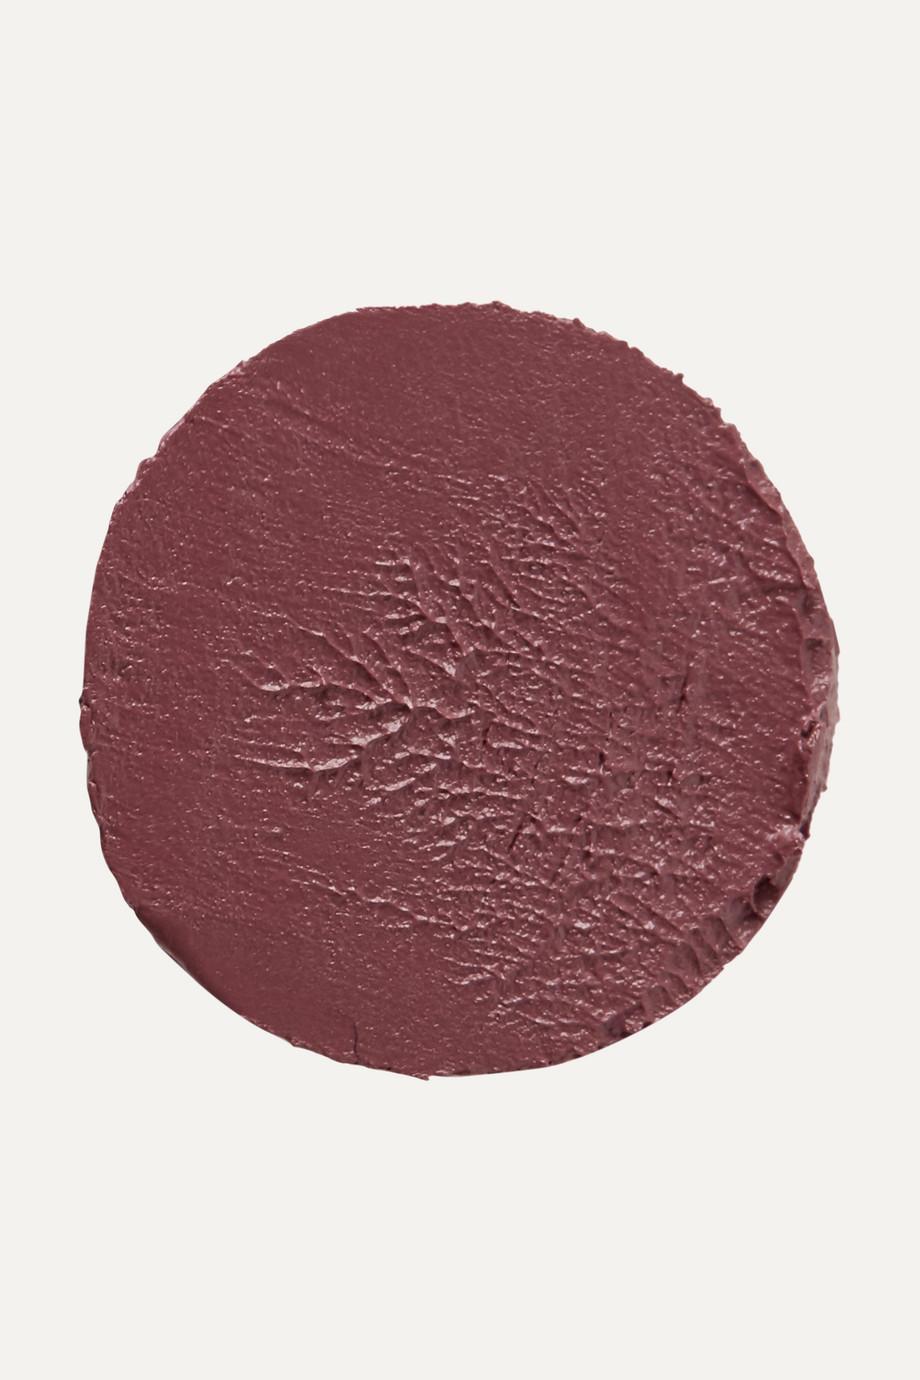 Serge Lutens Lipstick – Fraudeuse 17 – Lippenstift